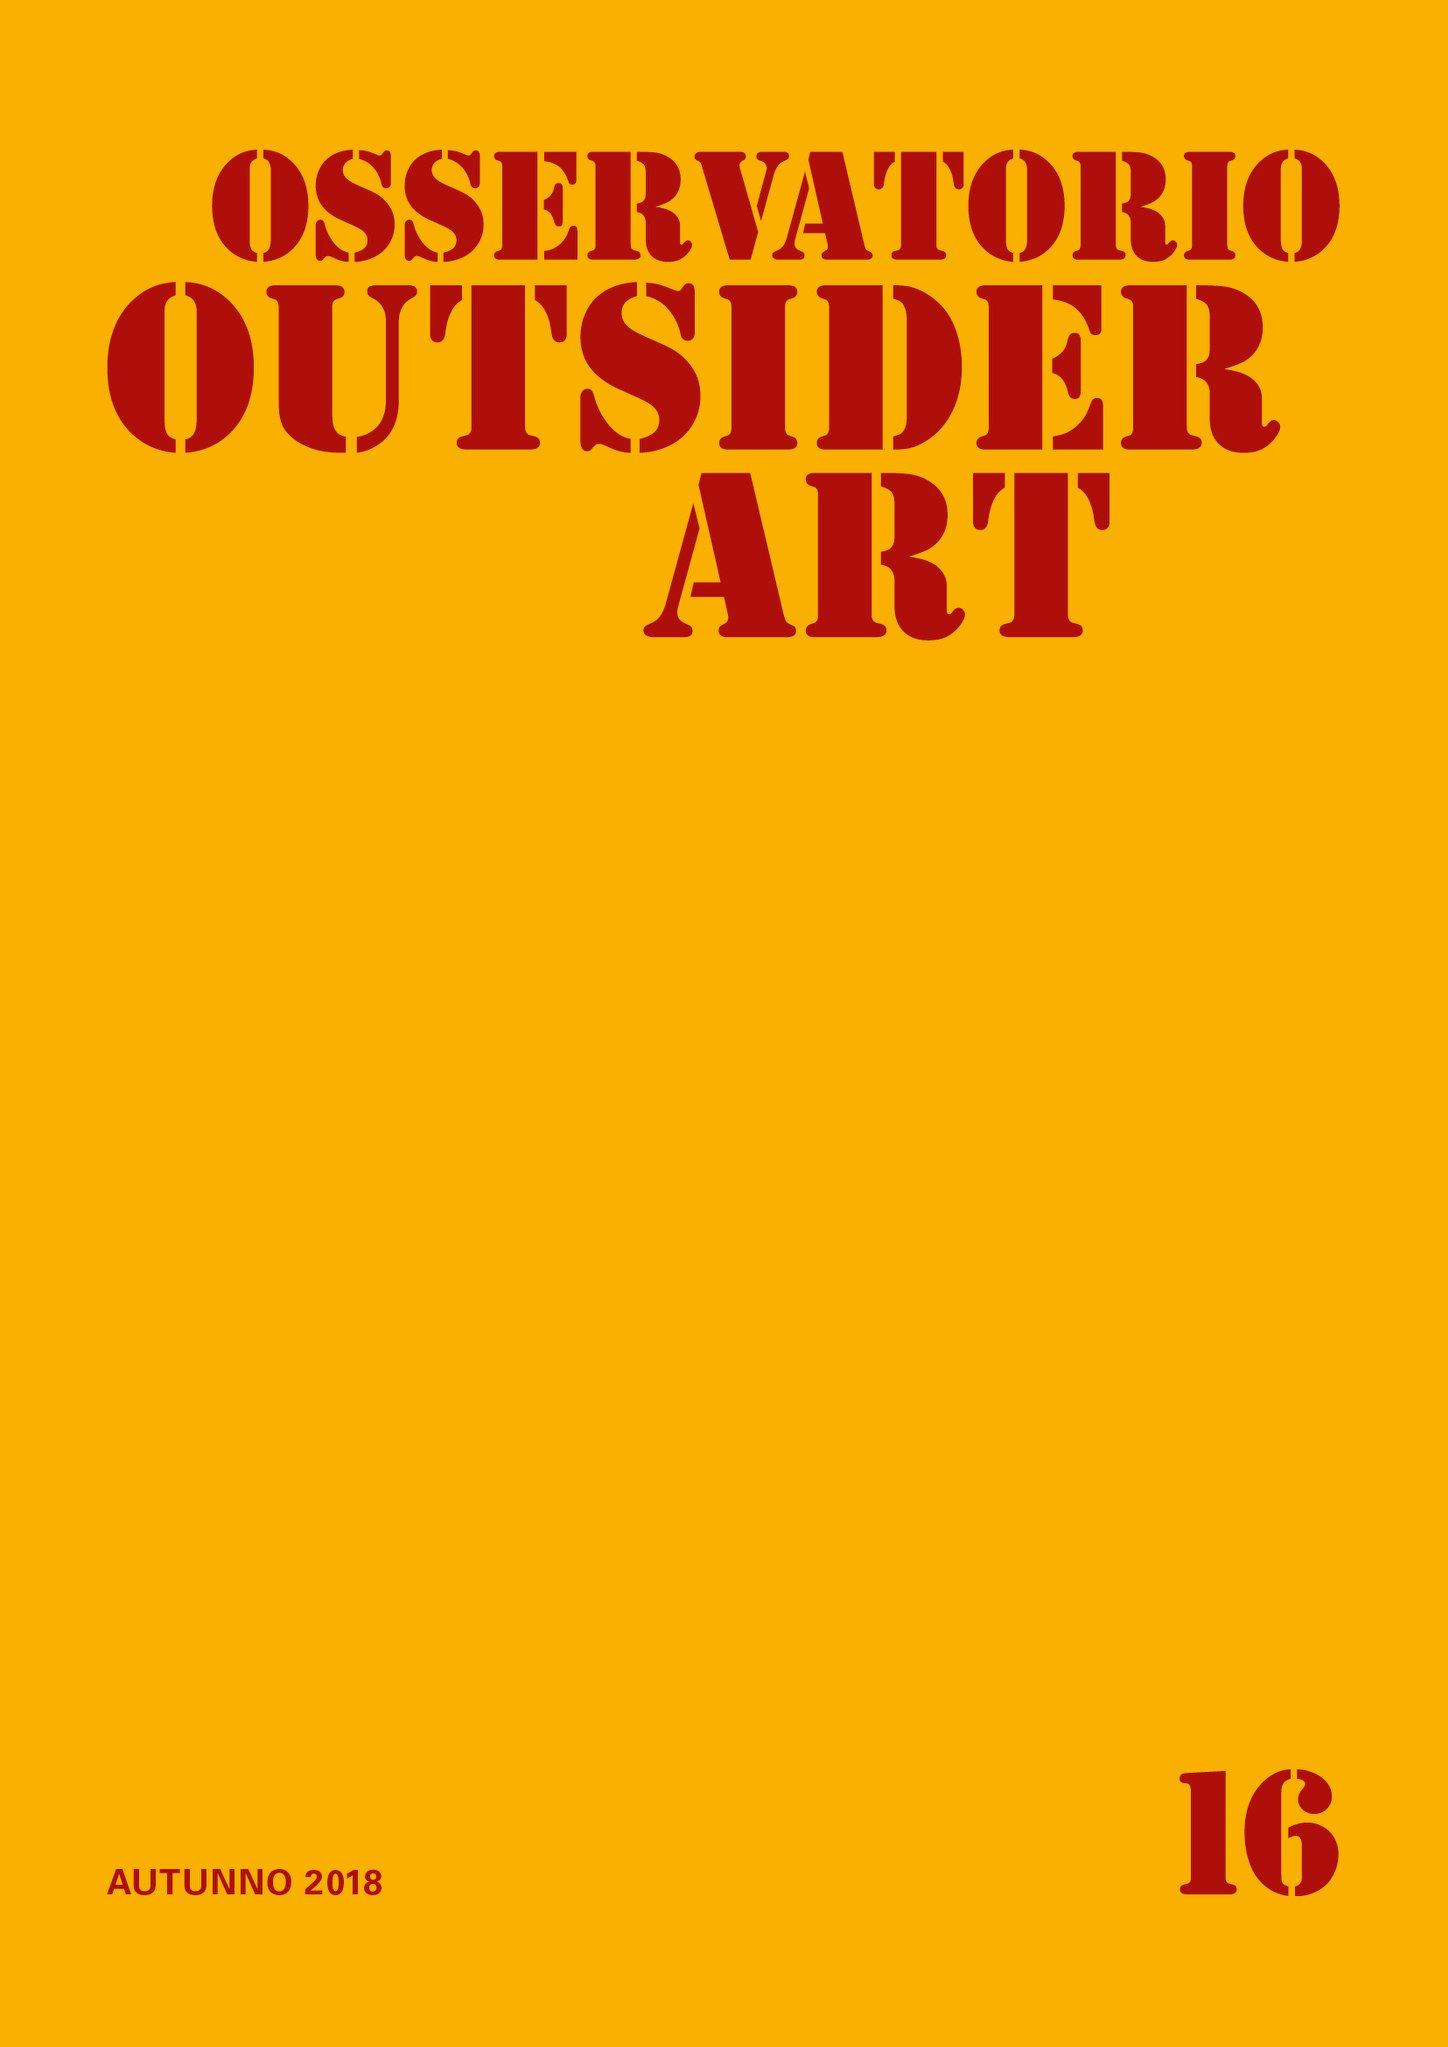 Osservatorio_Outsider_Art_n.16.jpg - 87.94 kB